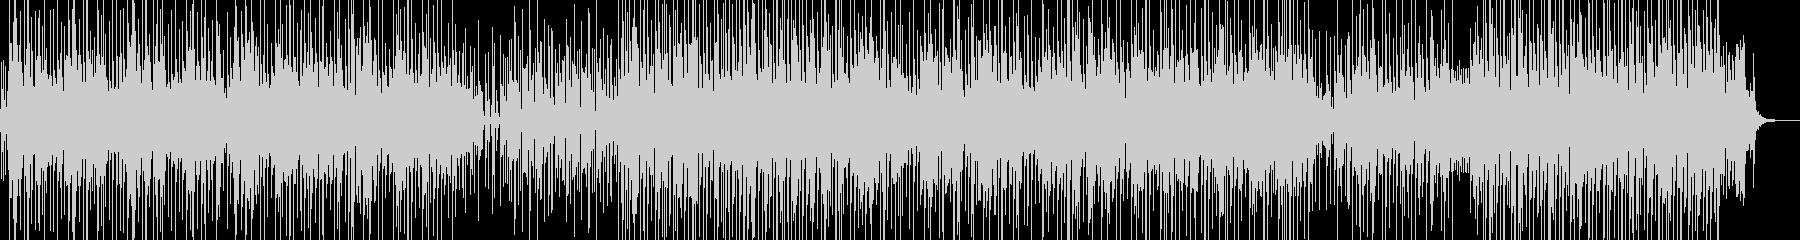 バカンスの雰囲気をイメージしたレゲェ Aの未再生の波形